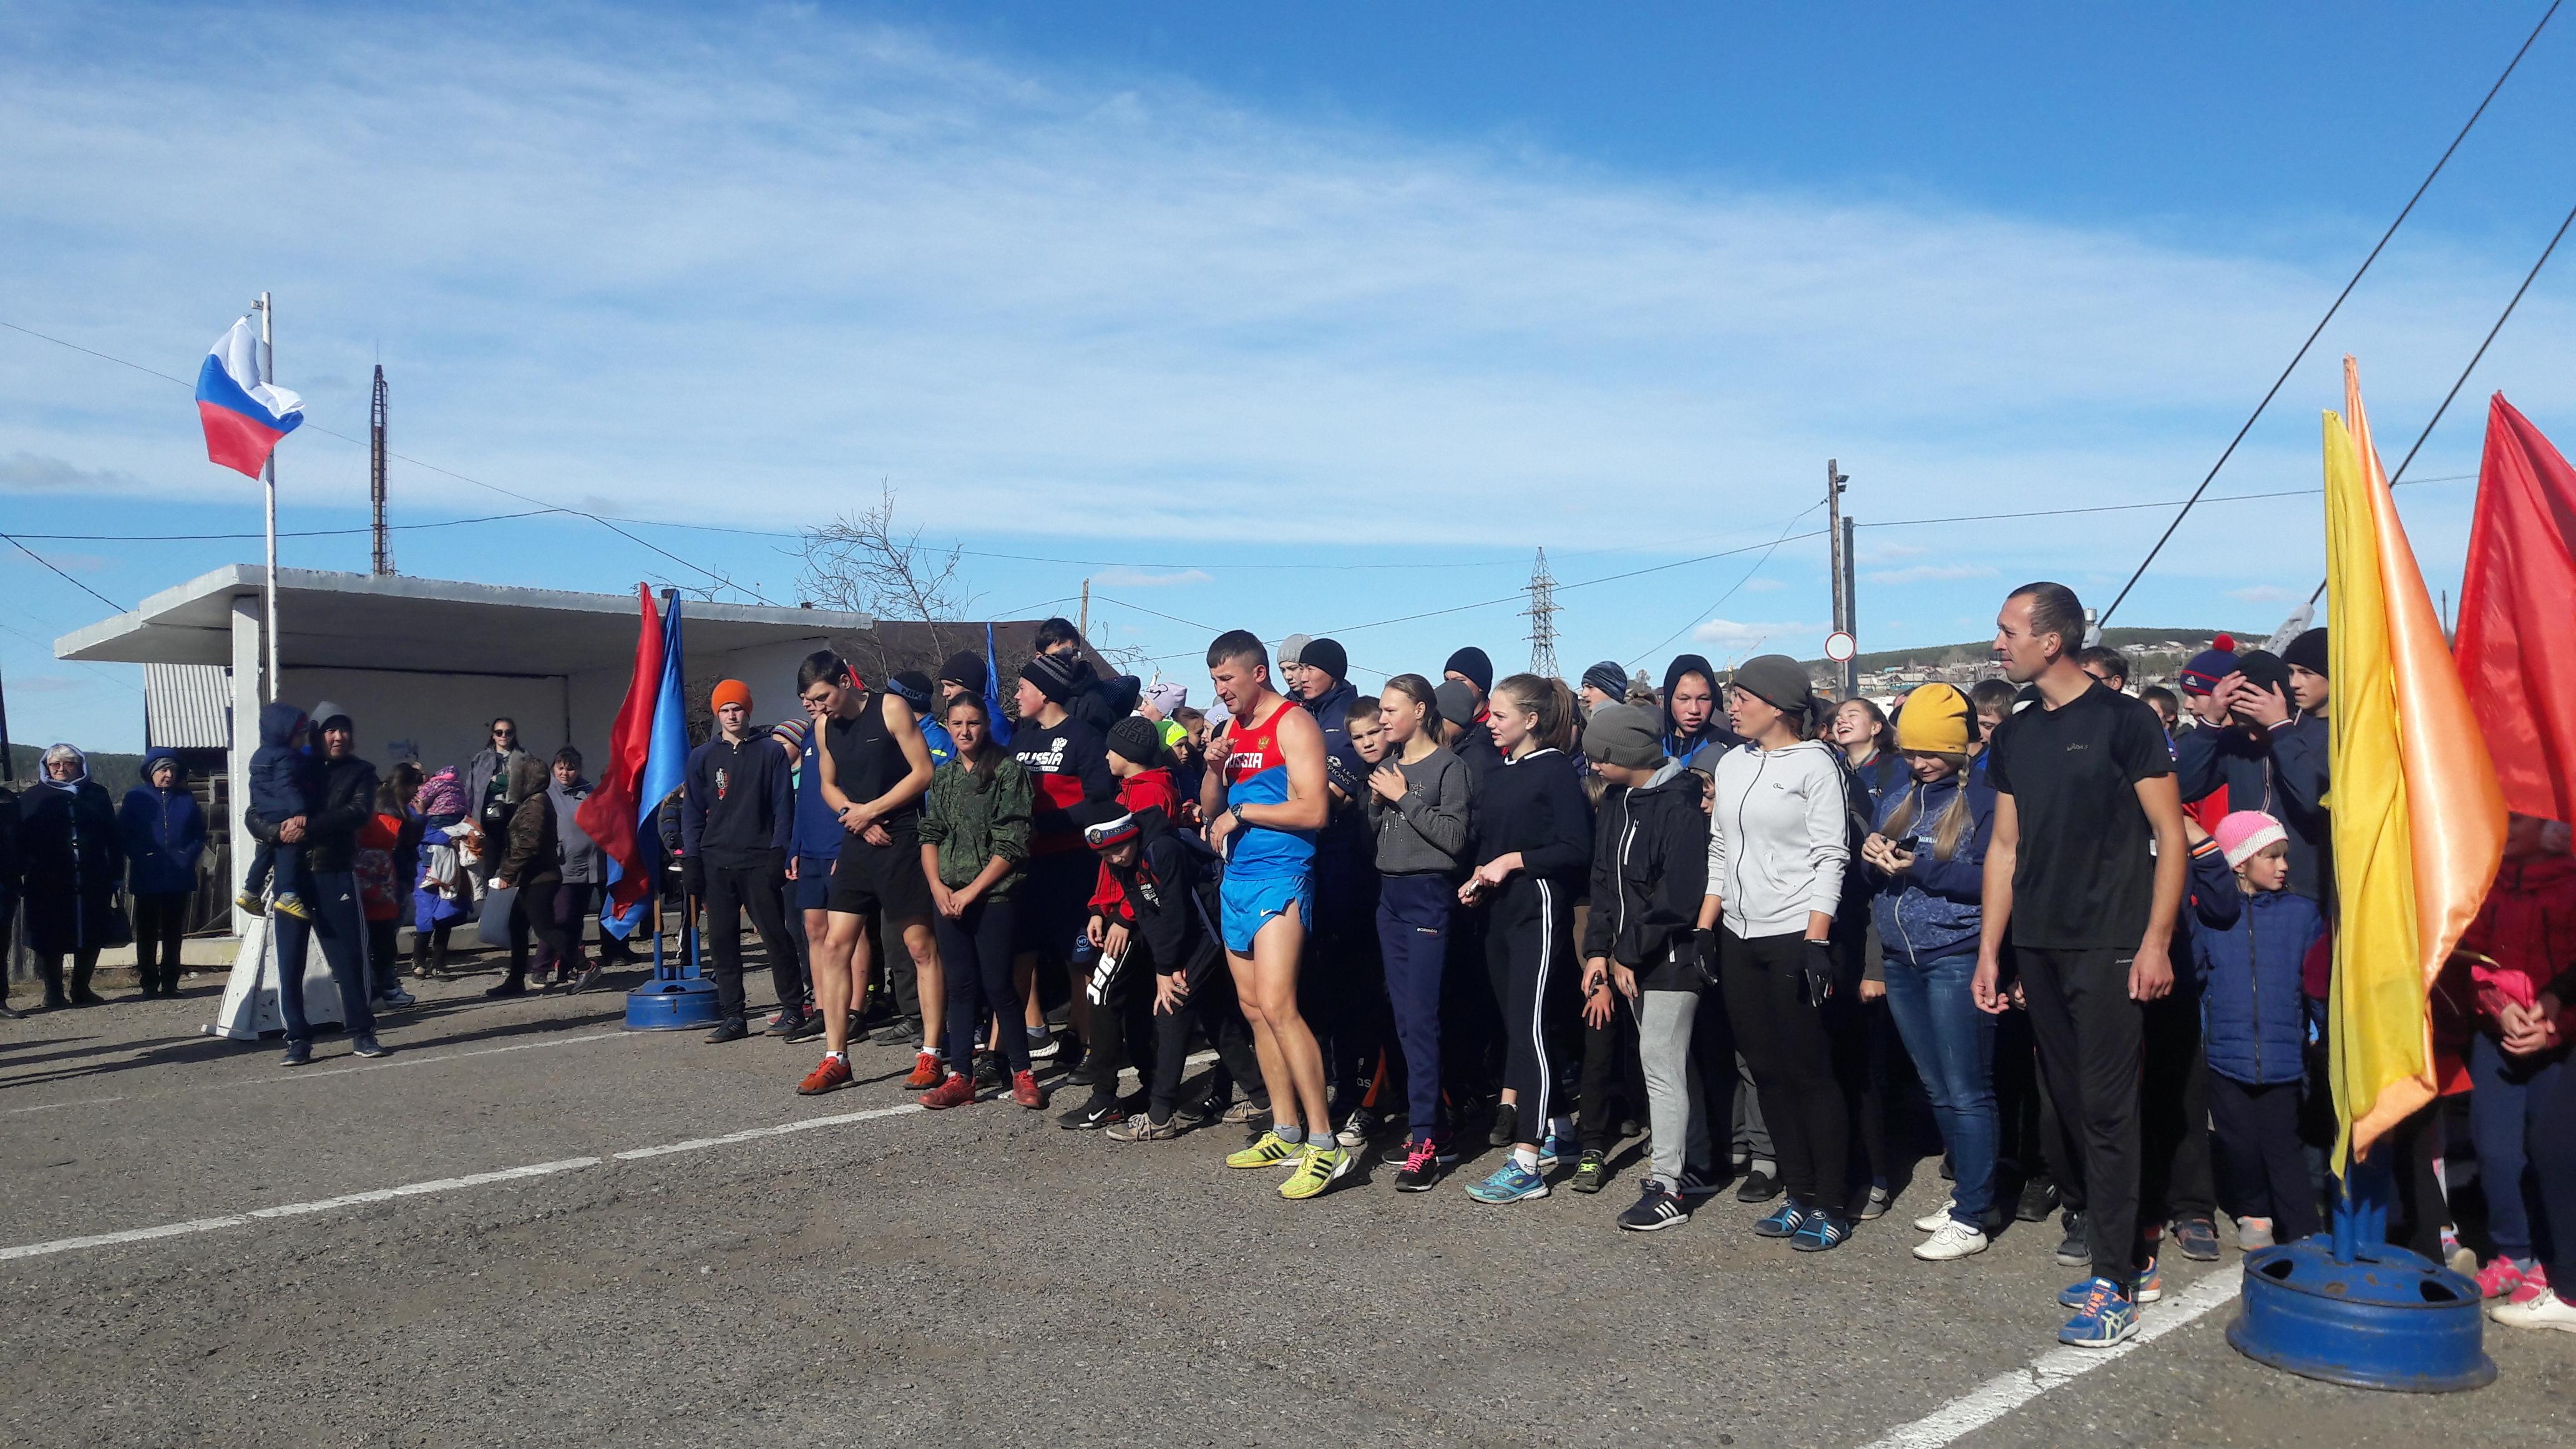 Традиционный легкоатлетический забег «Километры здоровья» состоялся в минувшее воскресенье